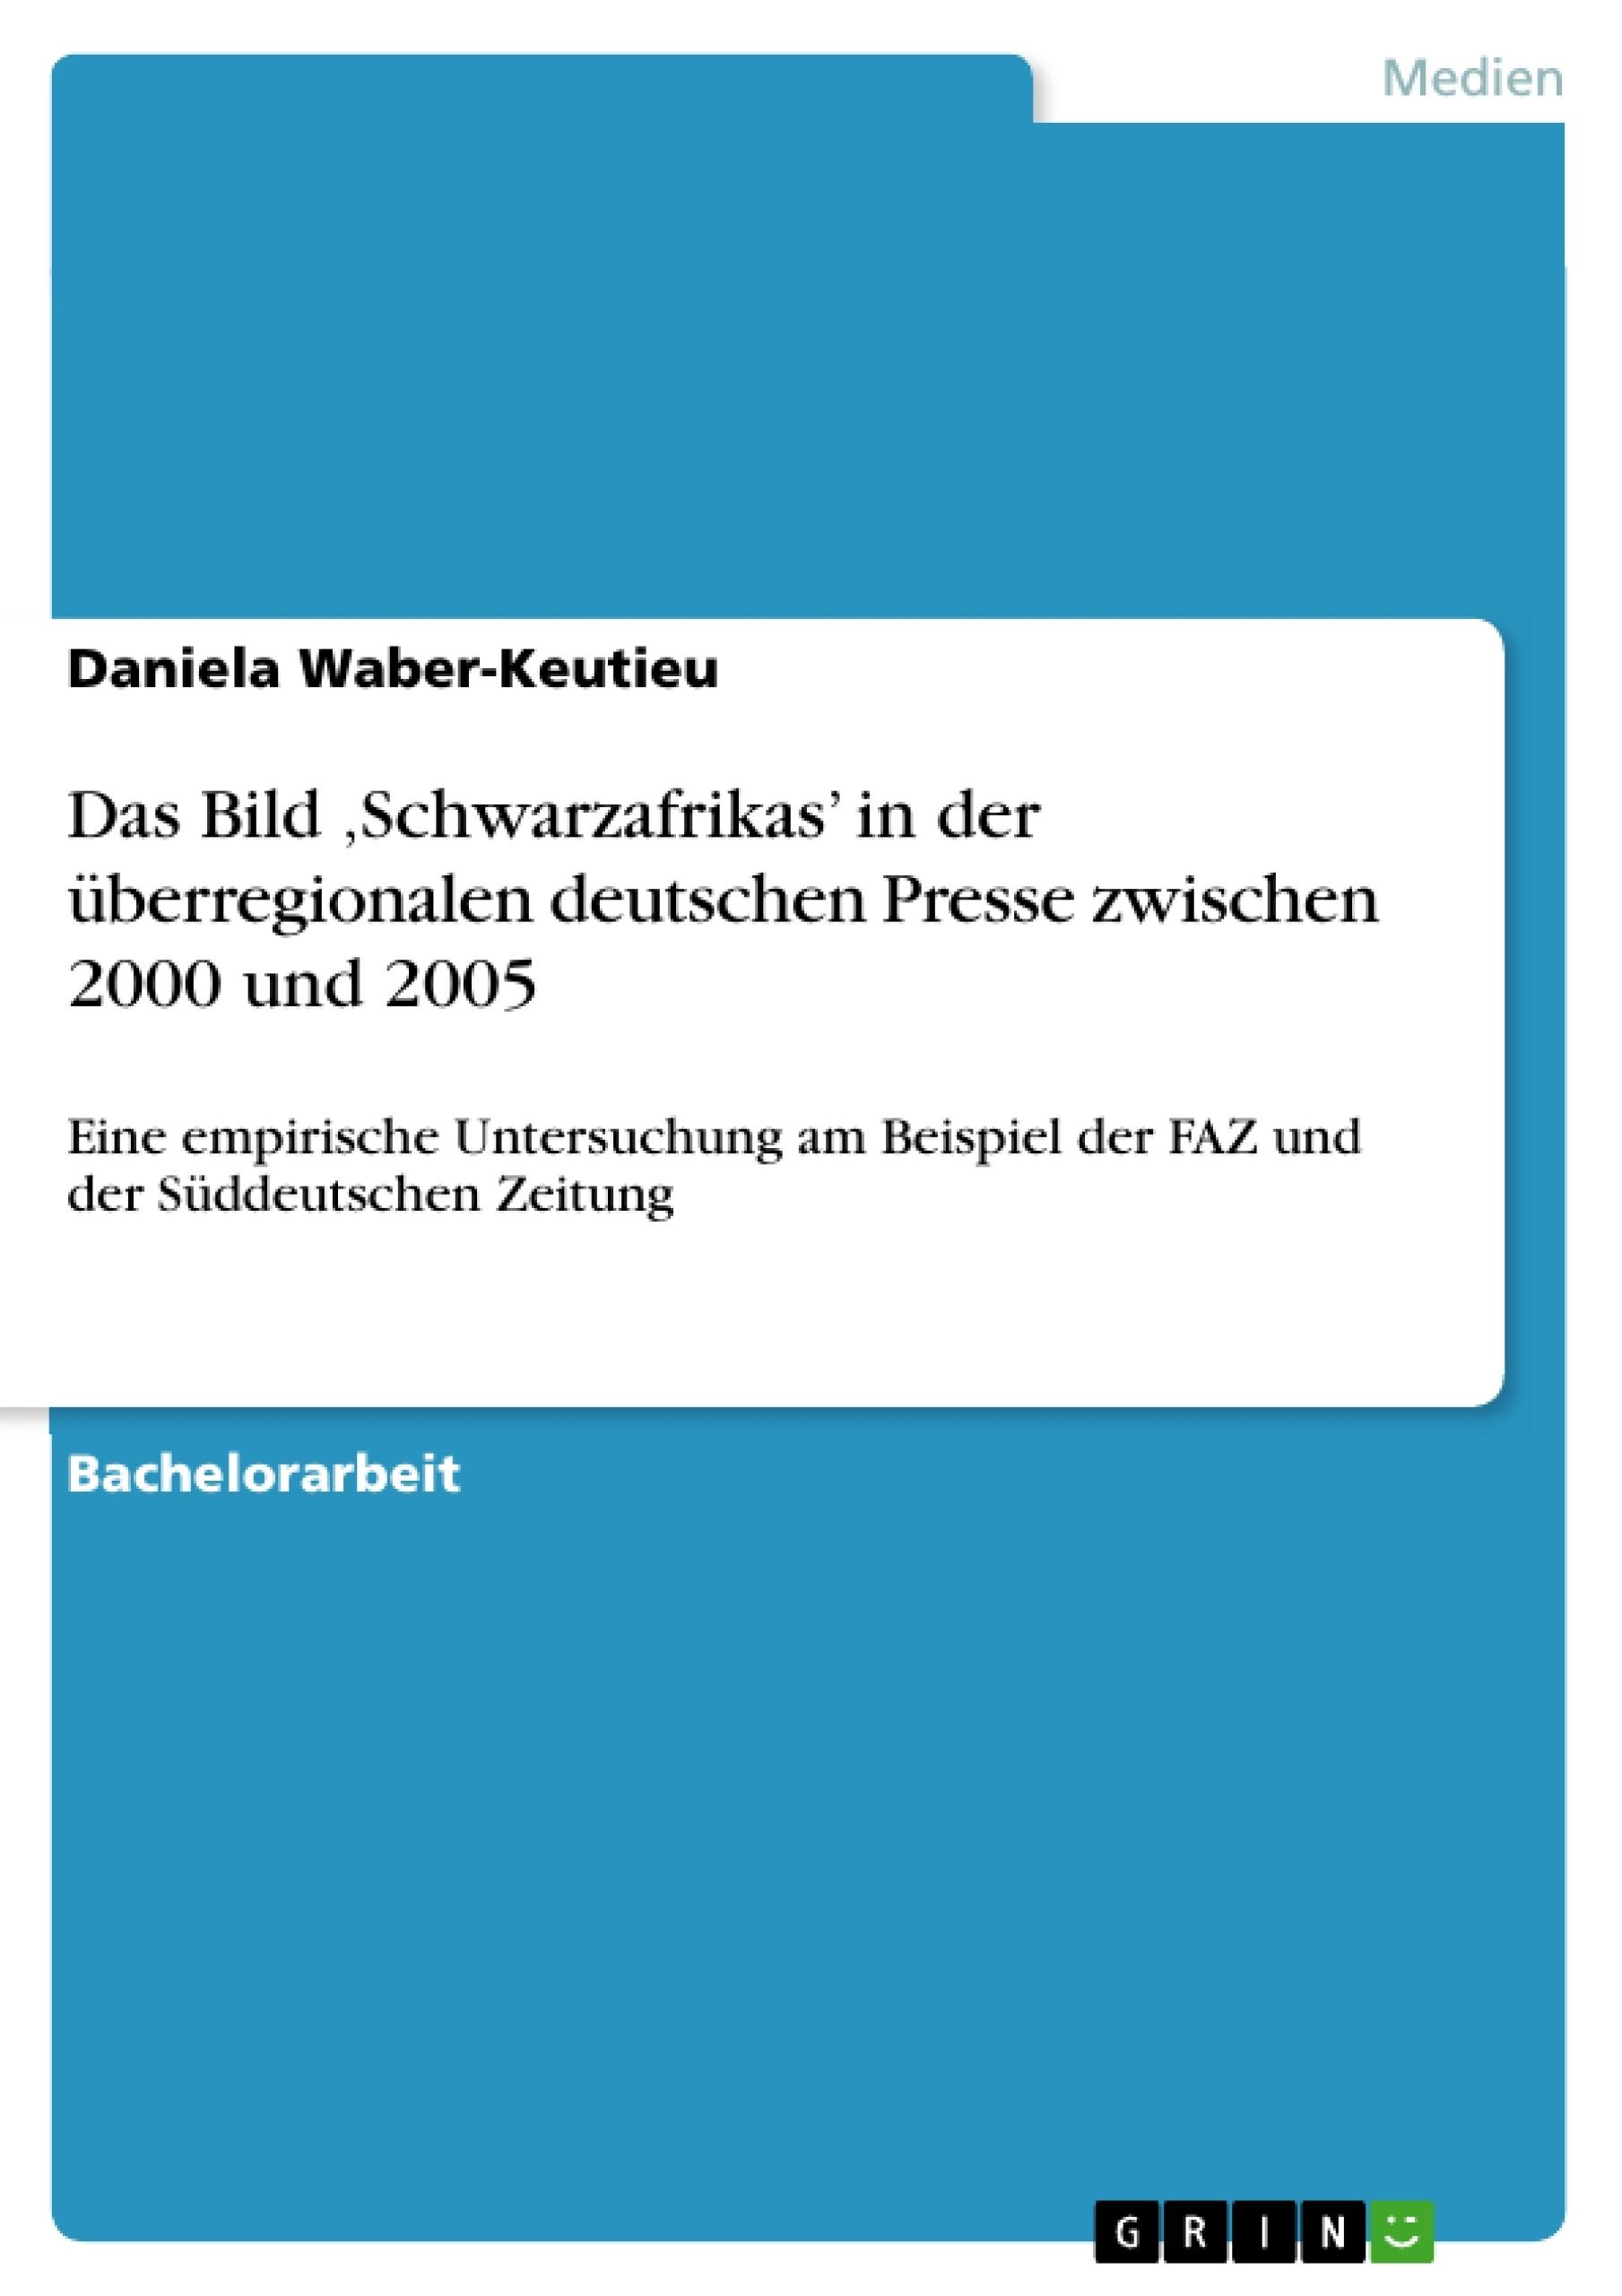 Titel: Das Bild 'Schwarzafrikas' in der überregionalen deutschen Presse zwischen 2000 und 2005